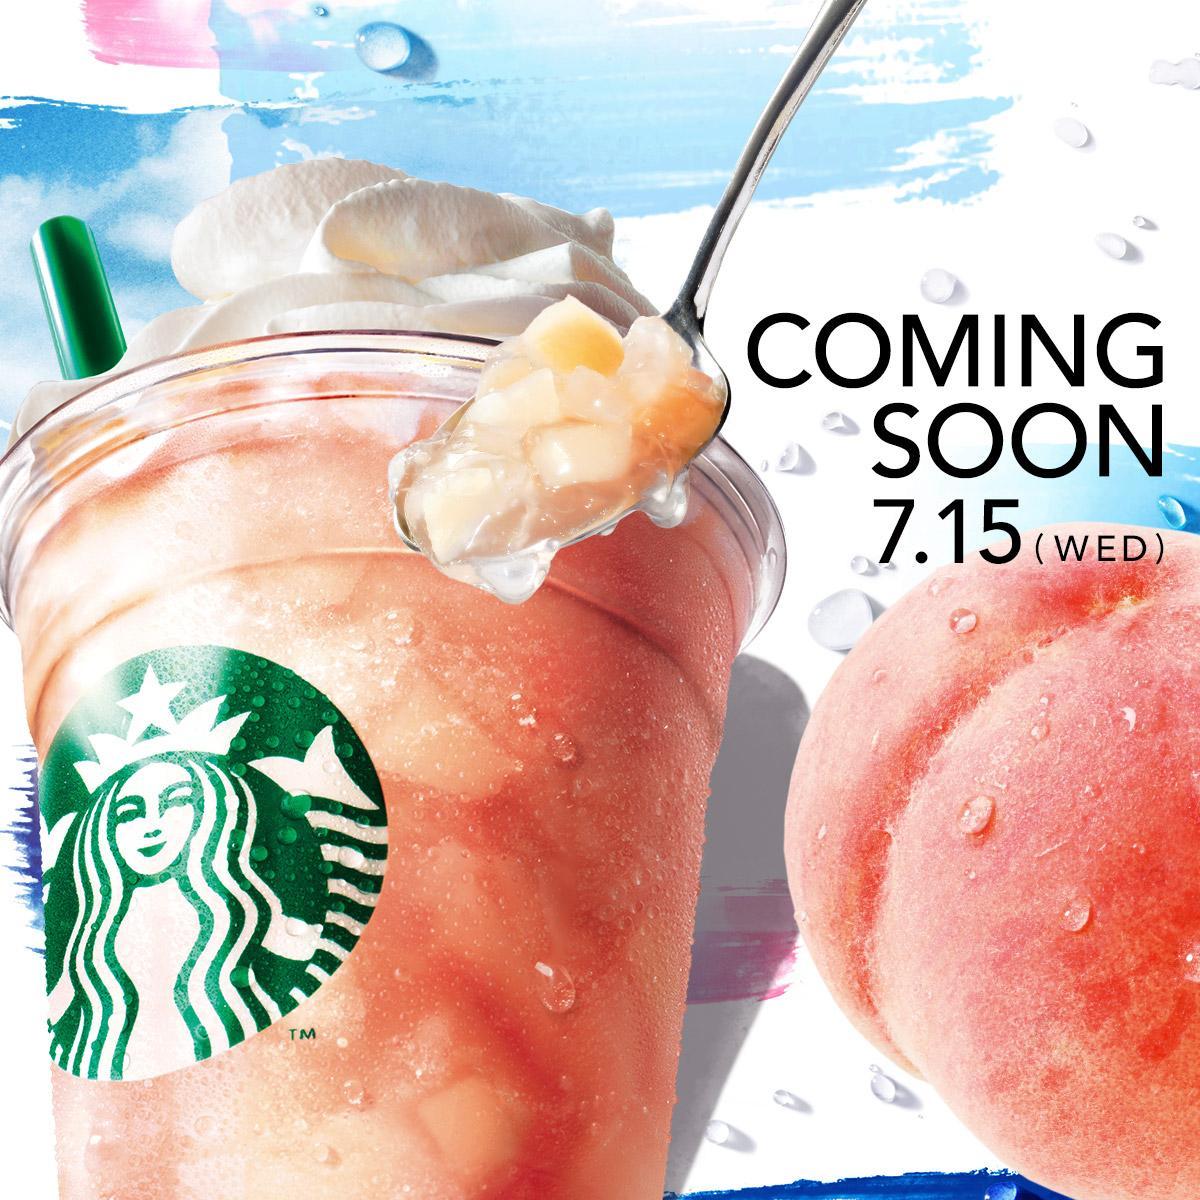 7/15(水)から『ピーチ イン ピーチ フラペチーノ®』が新登場!My Starbucks会員の皆さまには、夏を彩るグッズやフードなどの詳細な情報をひと足早くご紹介します。  http://t.co/freHIrEDAw http://t.co/7o5yYNrtpV